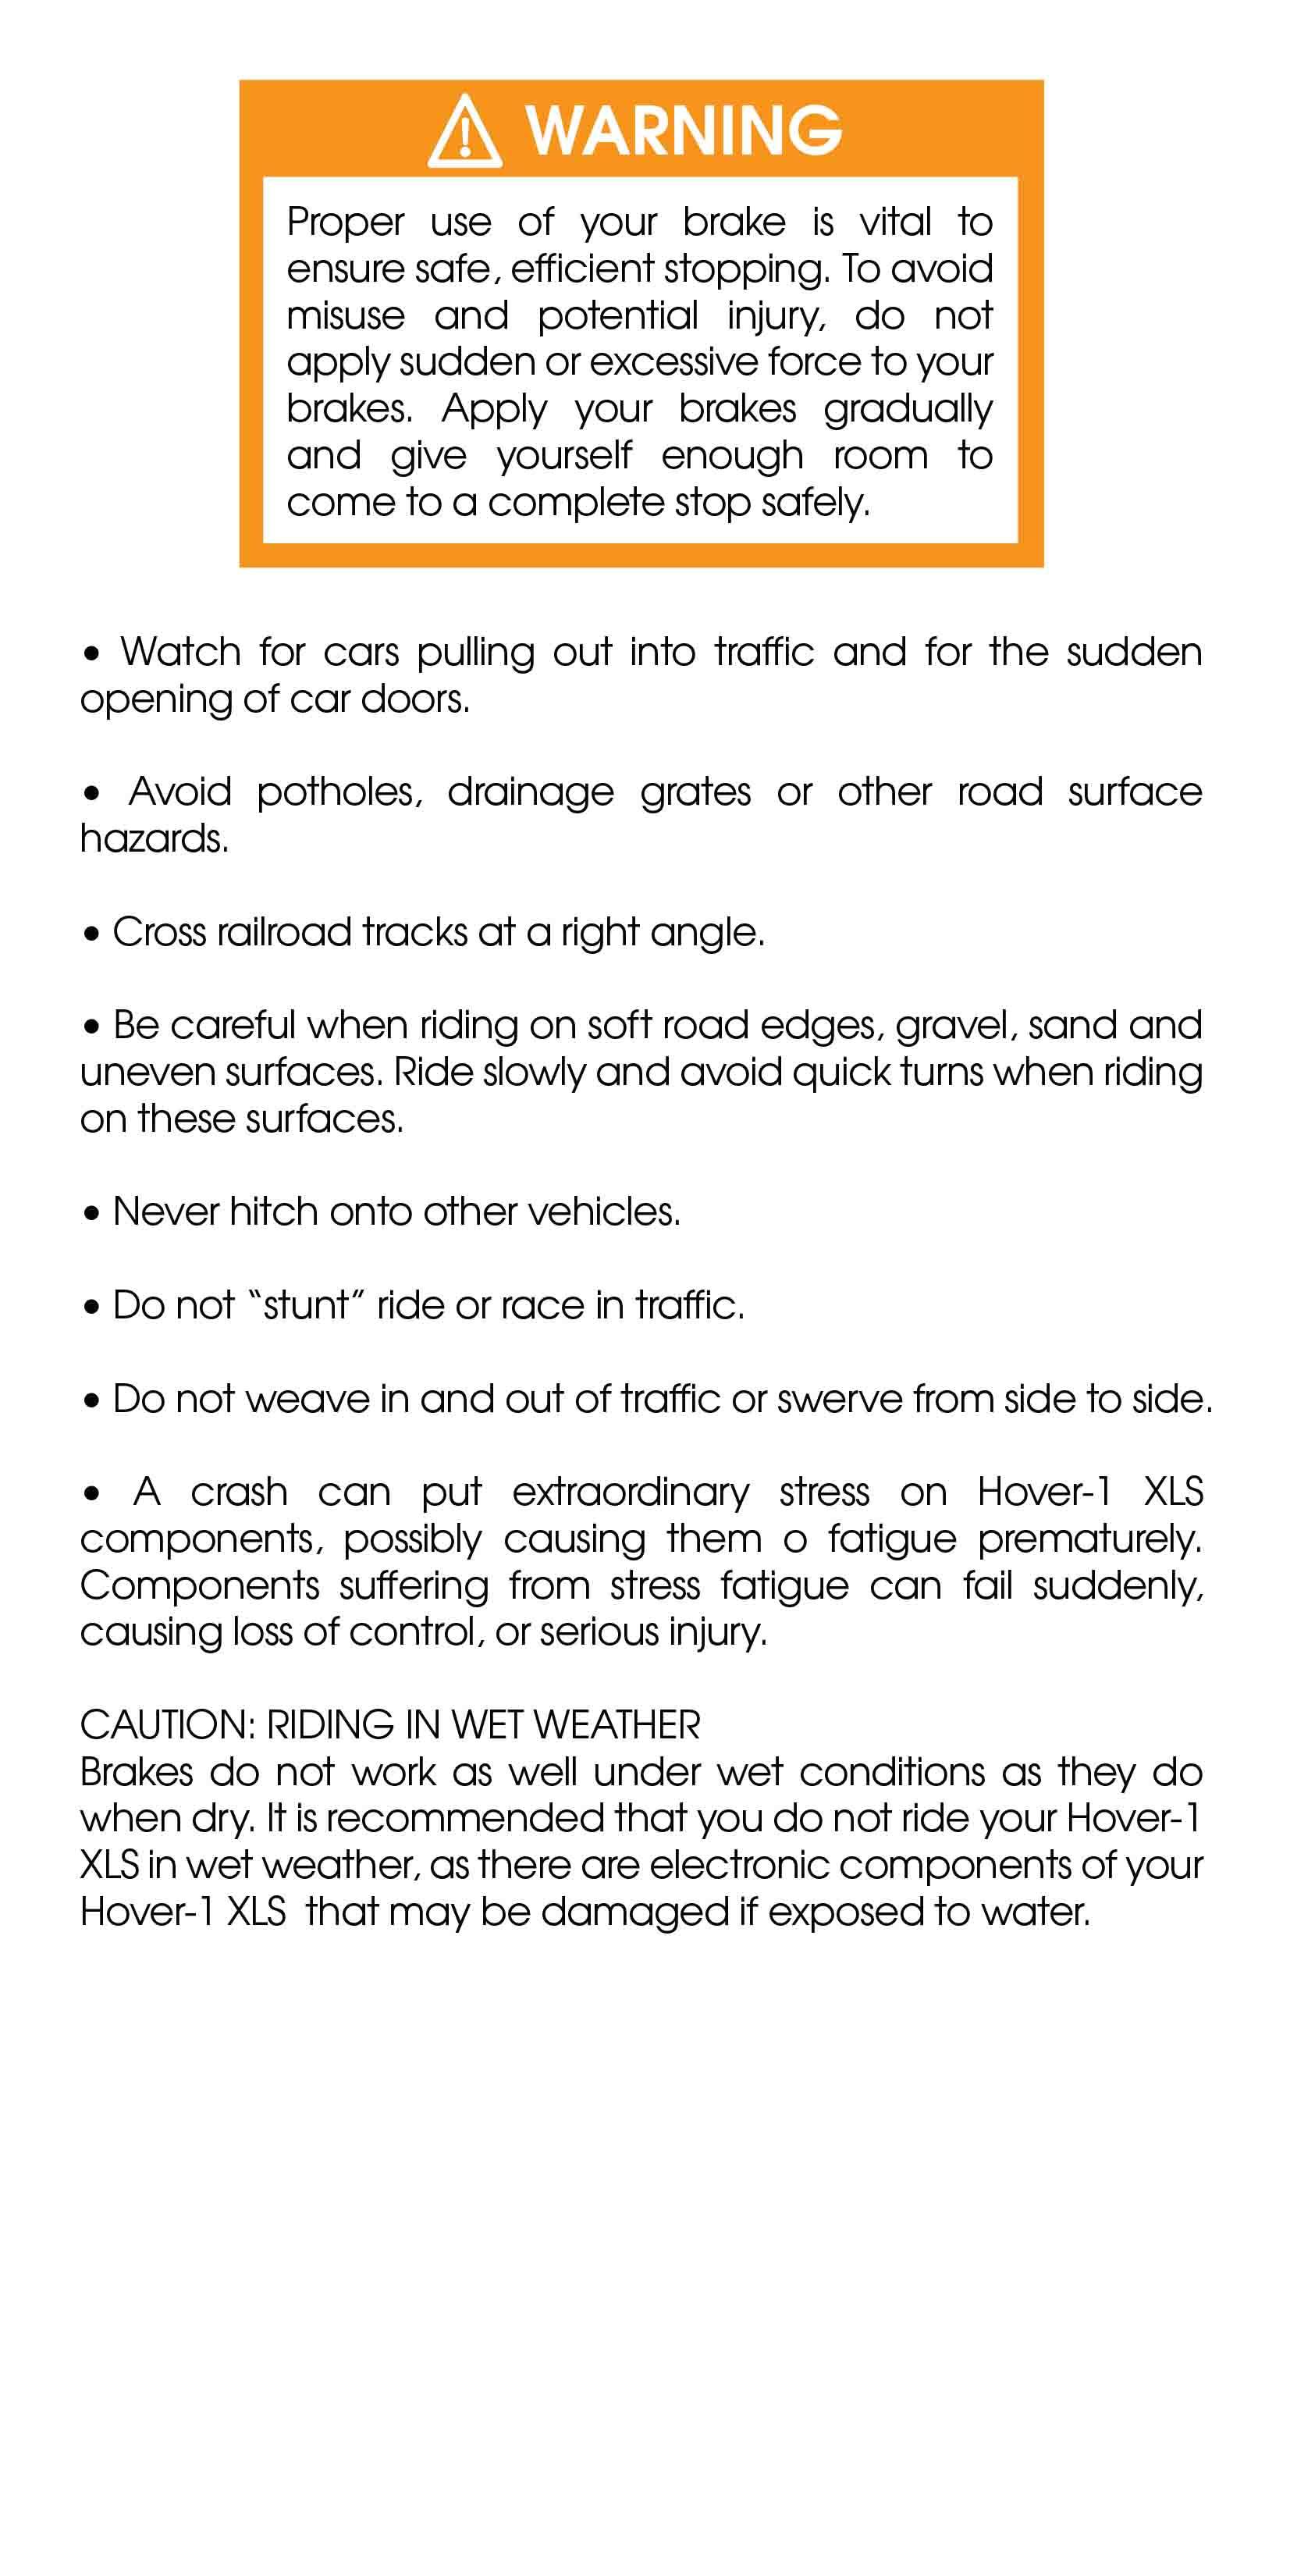 HY-HBKE-Manual-09132016 23.jpg